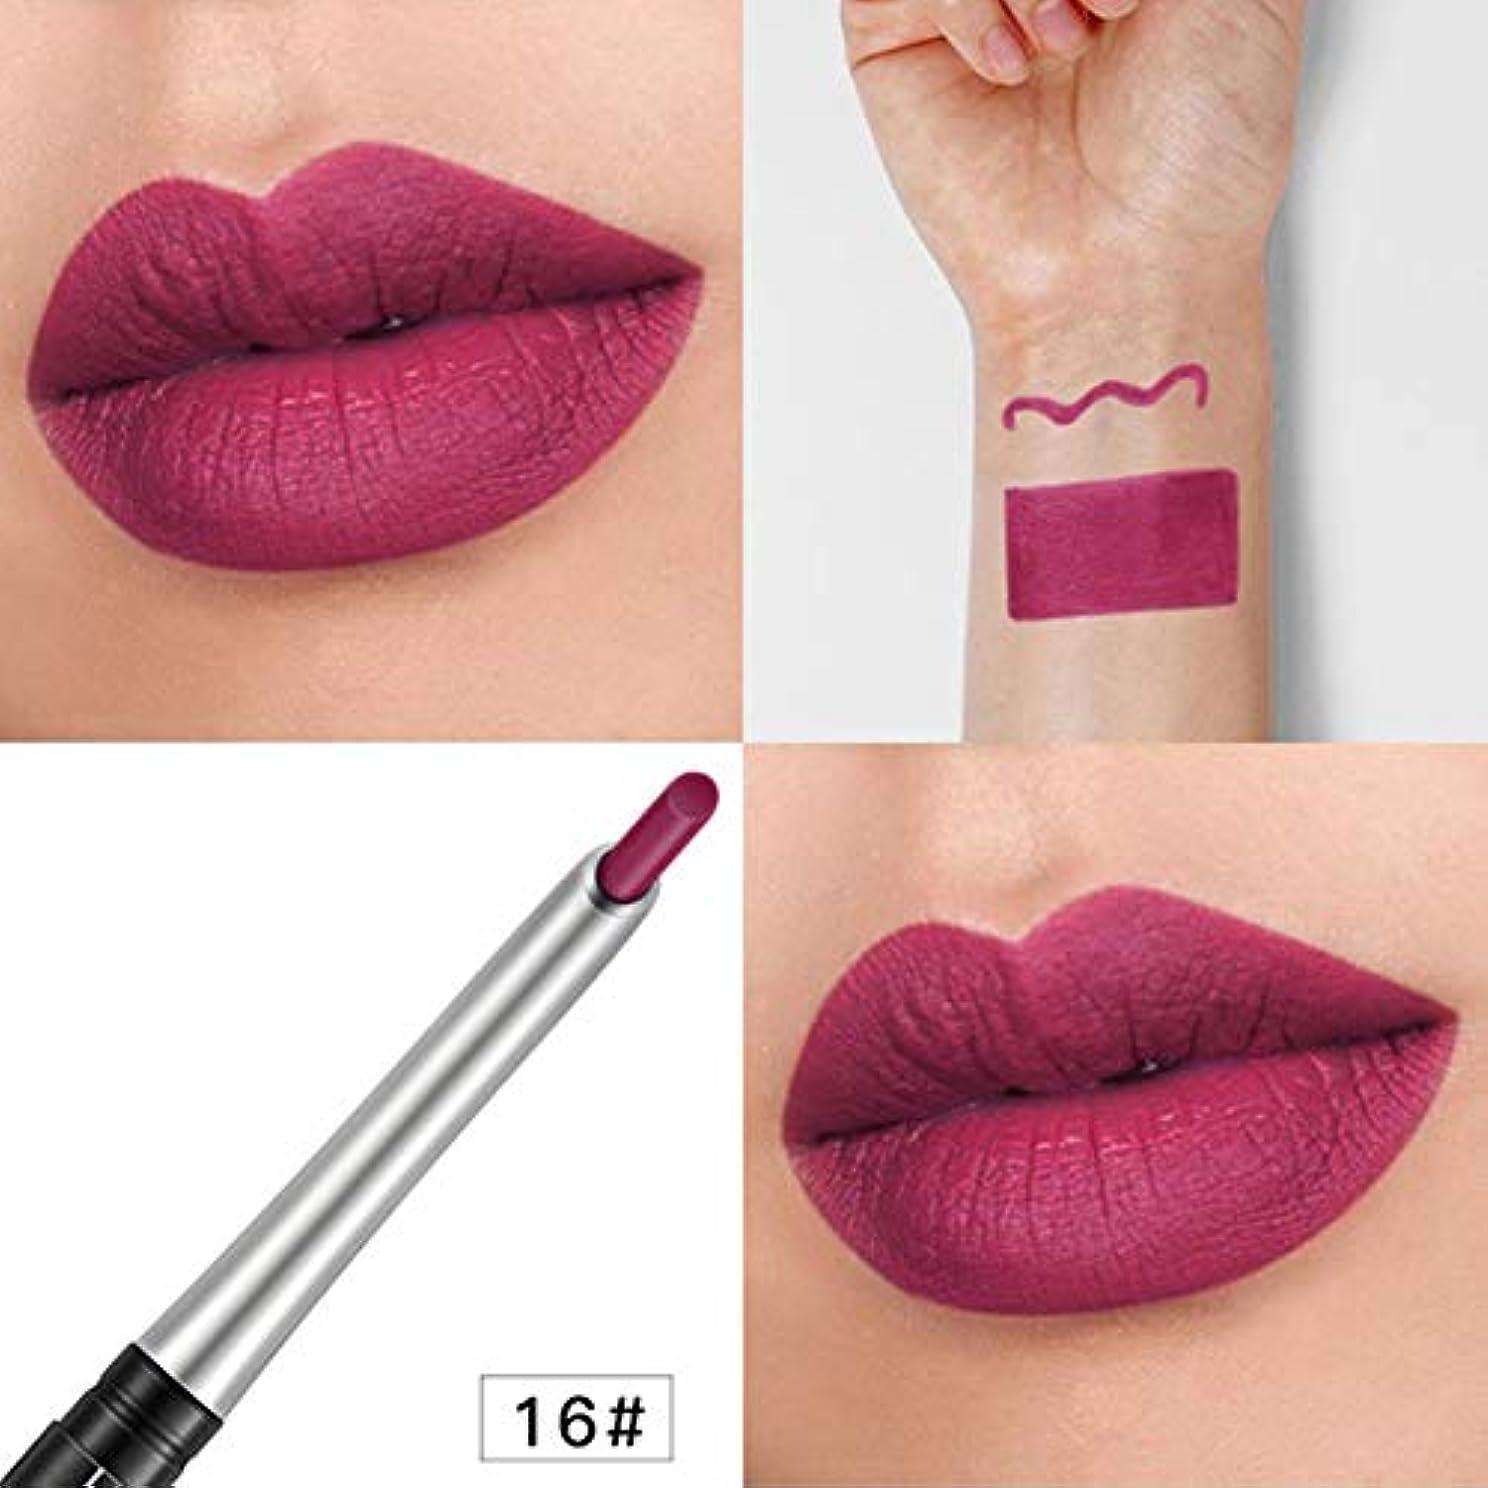 長々と事務所フィクションRabugogo 女性のマットリップライナー防水口紅鉛筆長持ちLlipliner唇メイク 16#